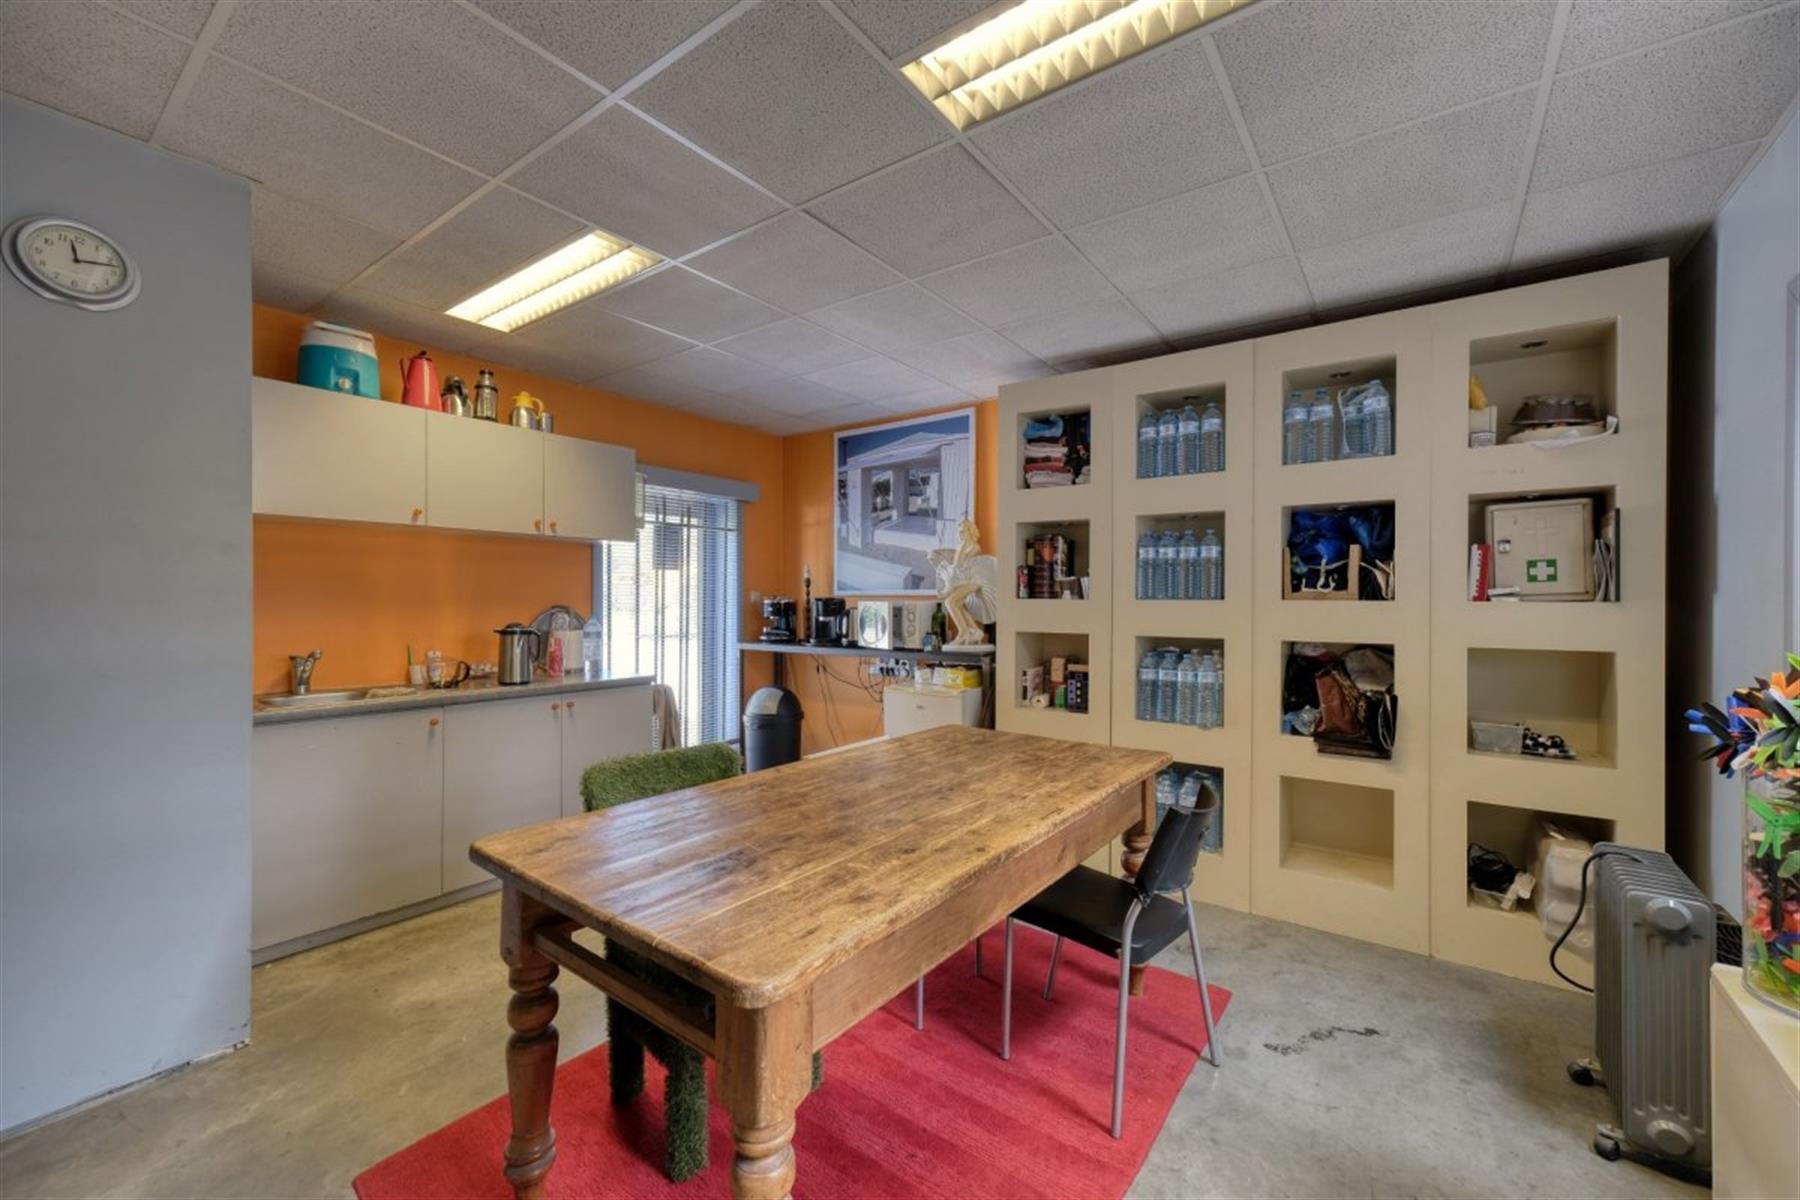 kantoren & magazijn te koop I123 - Magazijn met kantoorruimte - Centrum-Zuid 3203, 3530 Houthalen-Helchteren, België 5